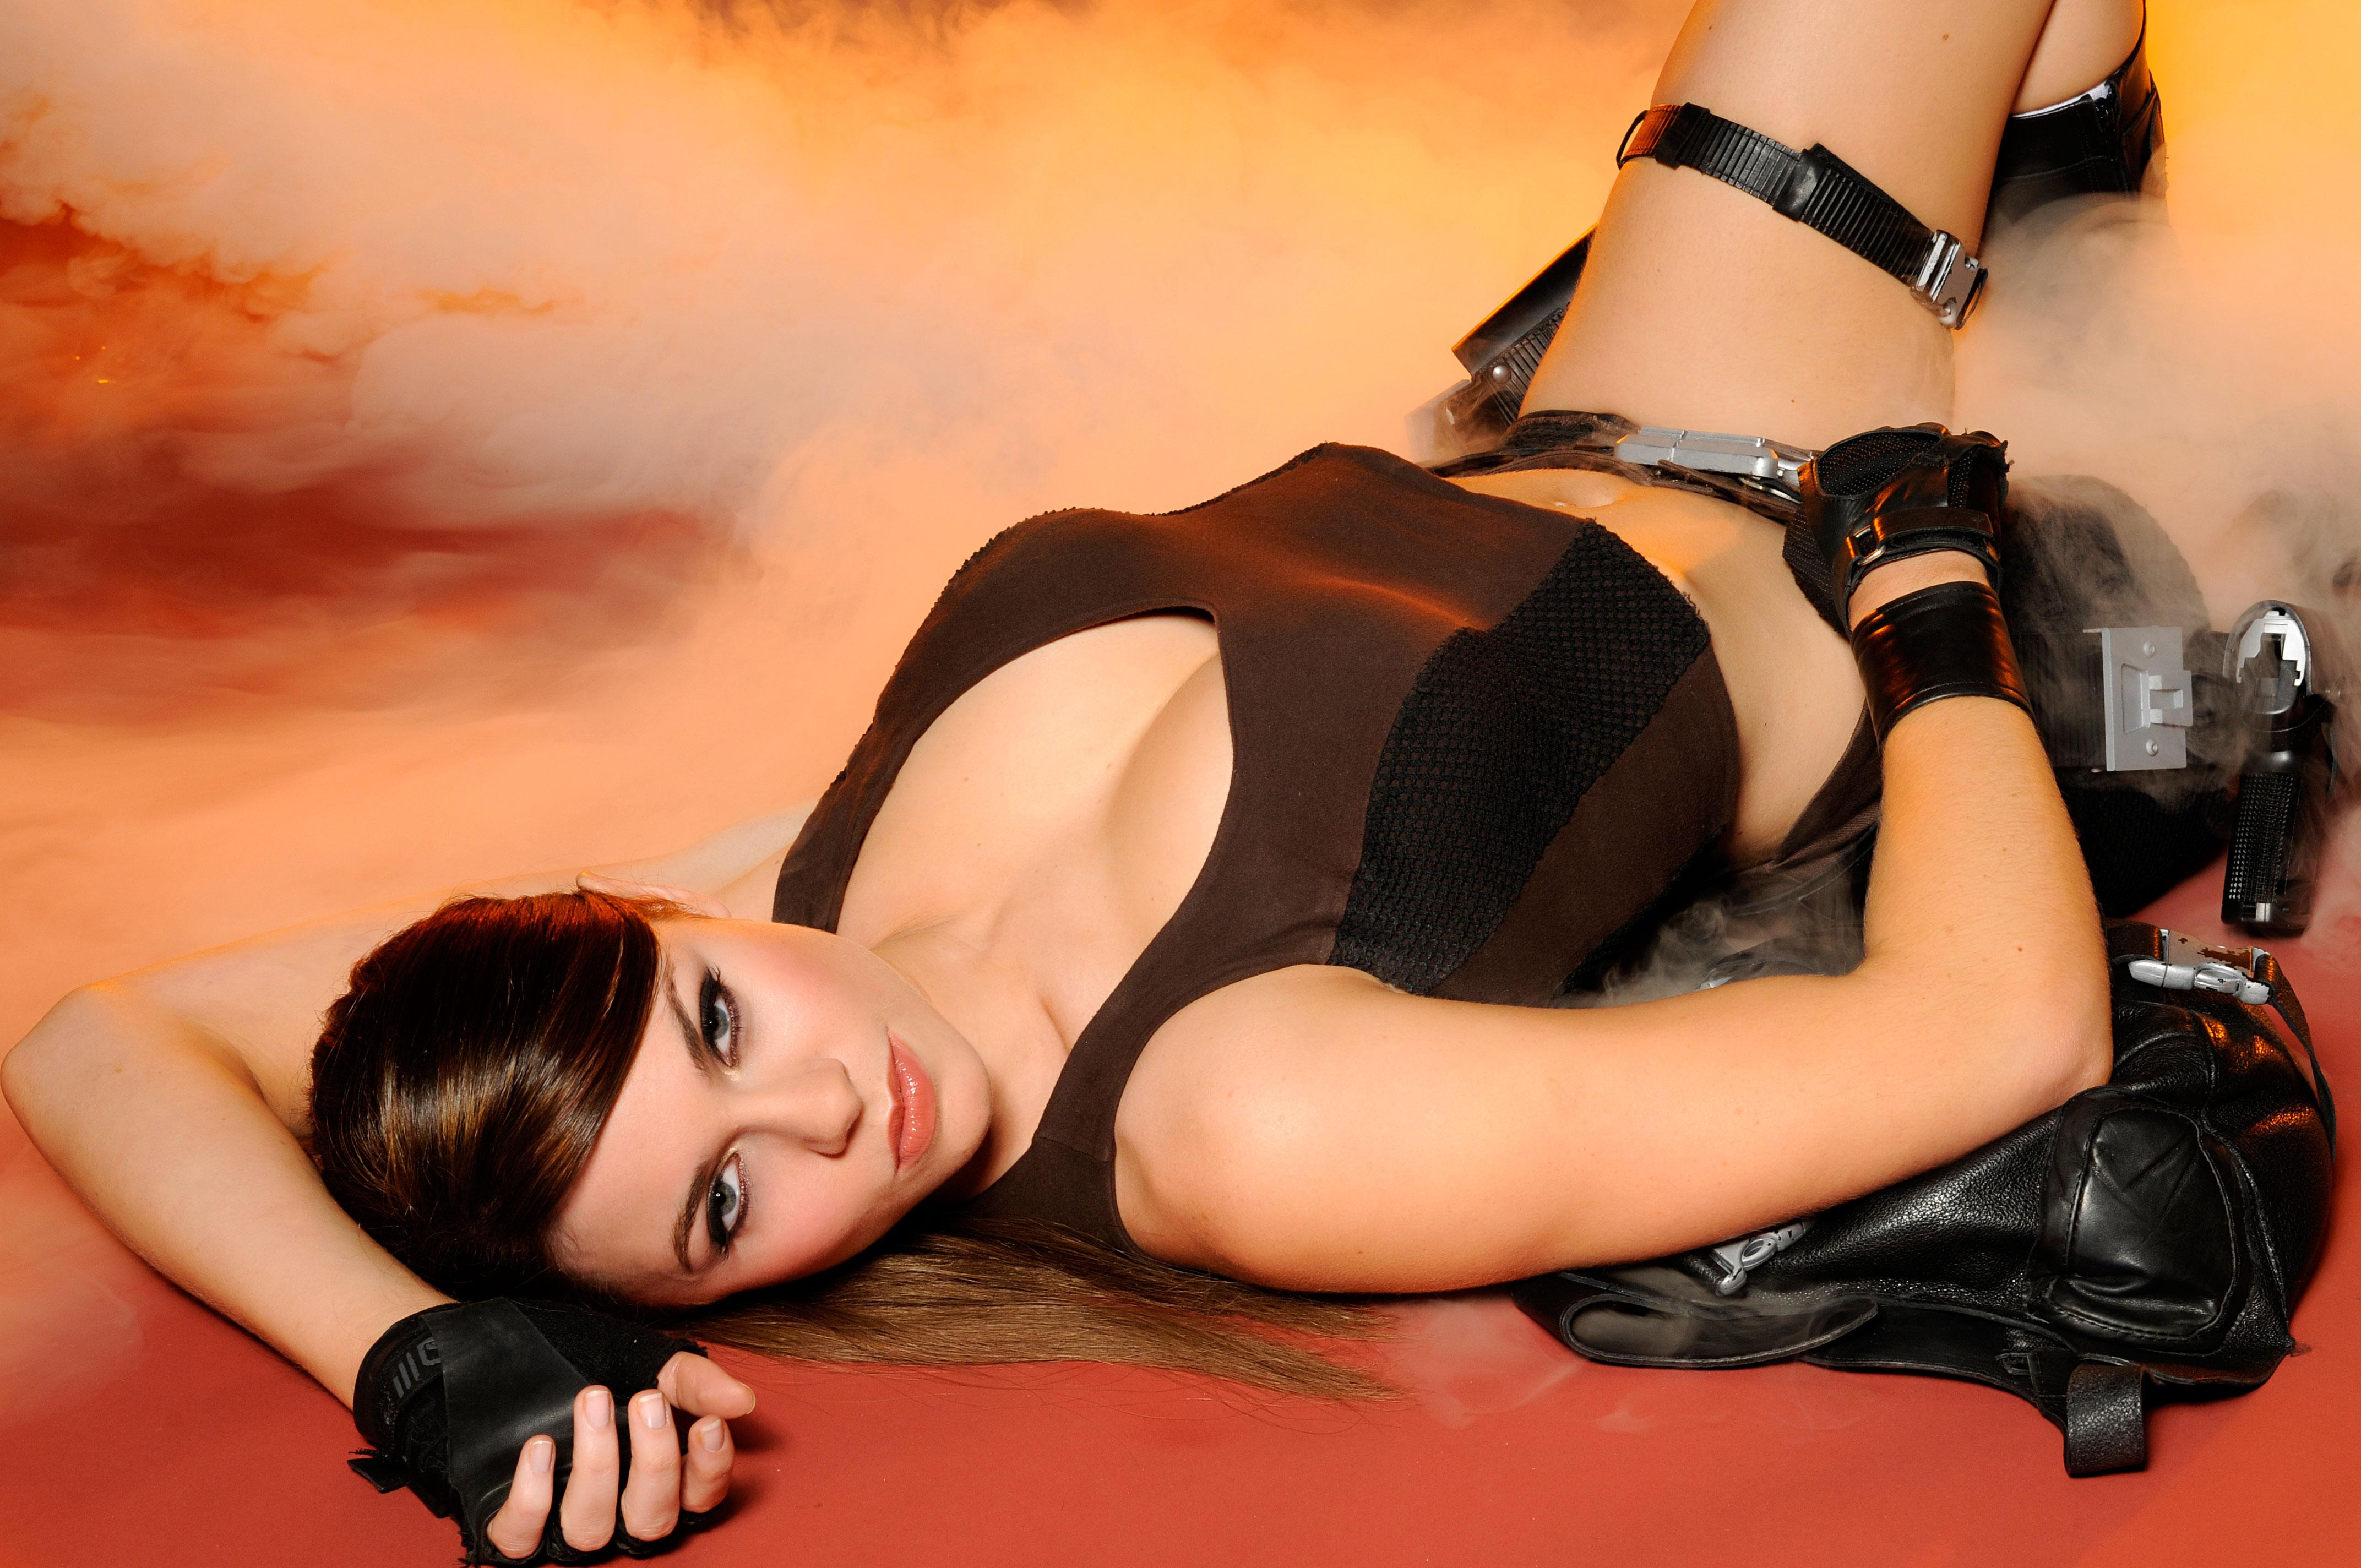 Lara croft porn pics sexy pretty girl